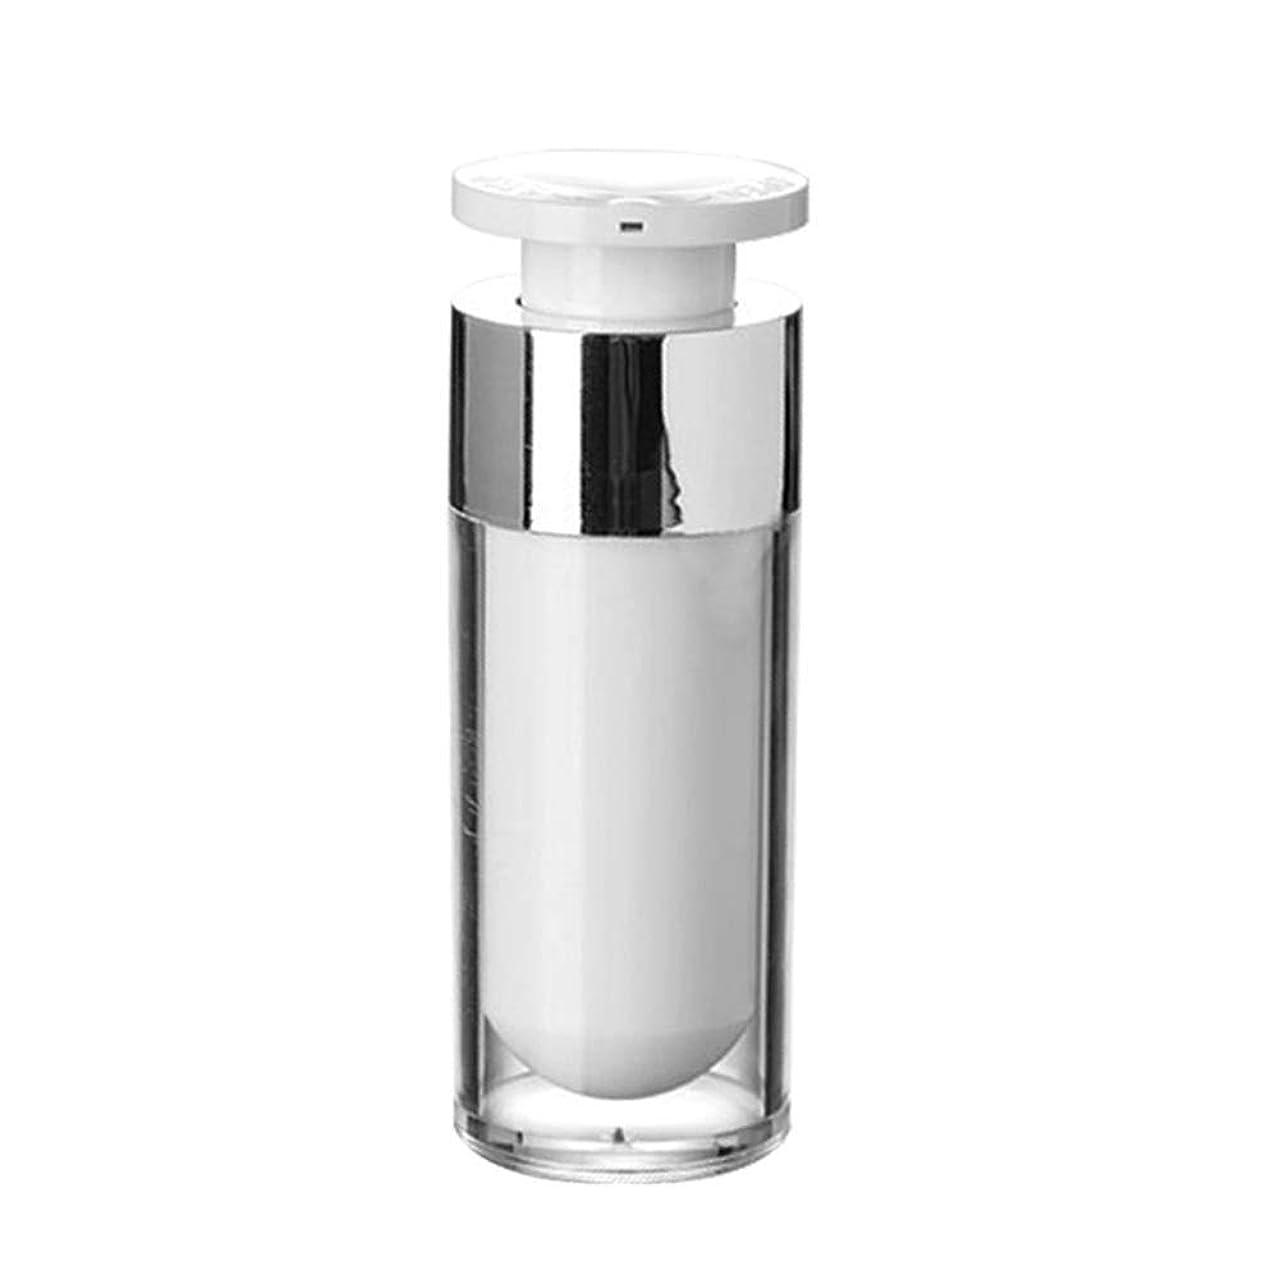 ポテト細菌成熟OBEST 詰め替えボトル 真空ボトル ポンプタイプ エアレス プッシュボトル 乳液 小分け容器 プラスチック 携帯用 花粉対応 旅行用(30ML) (ポンプ式)